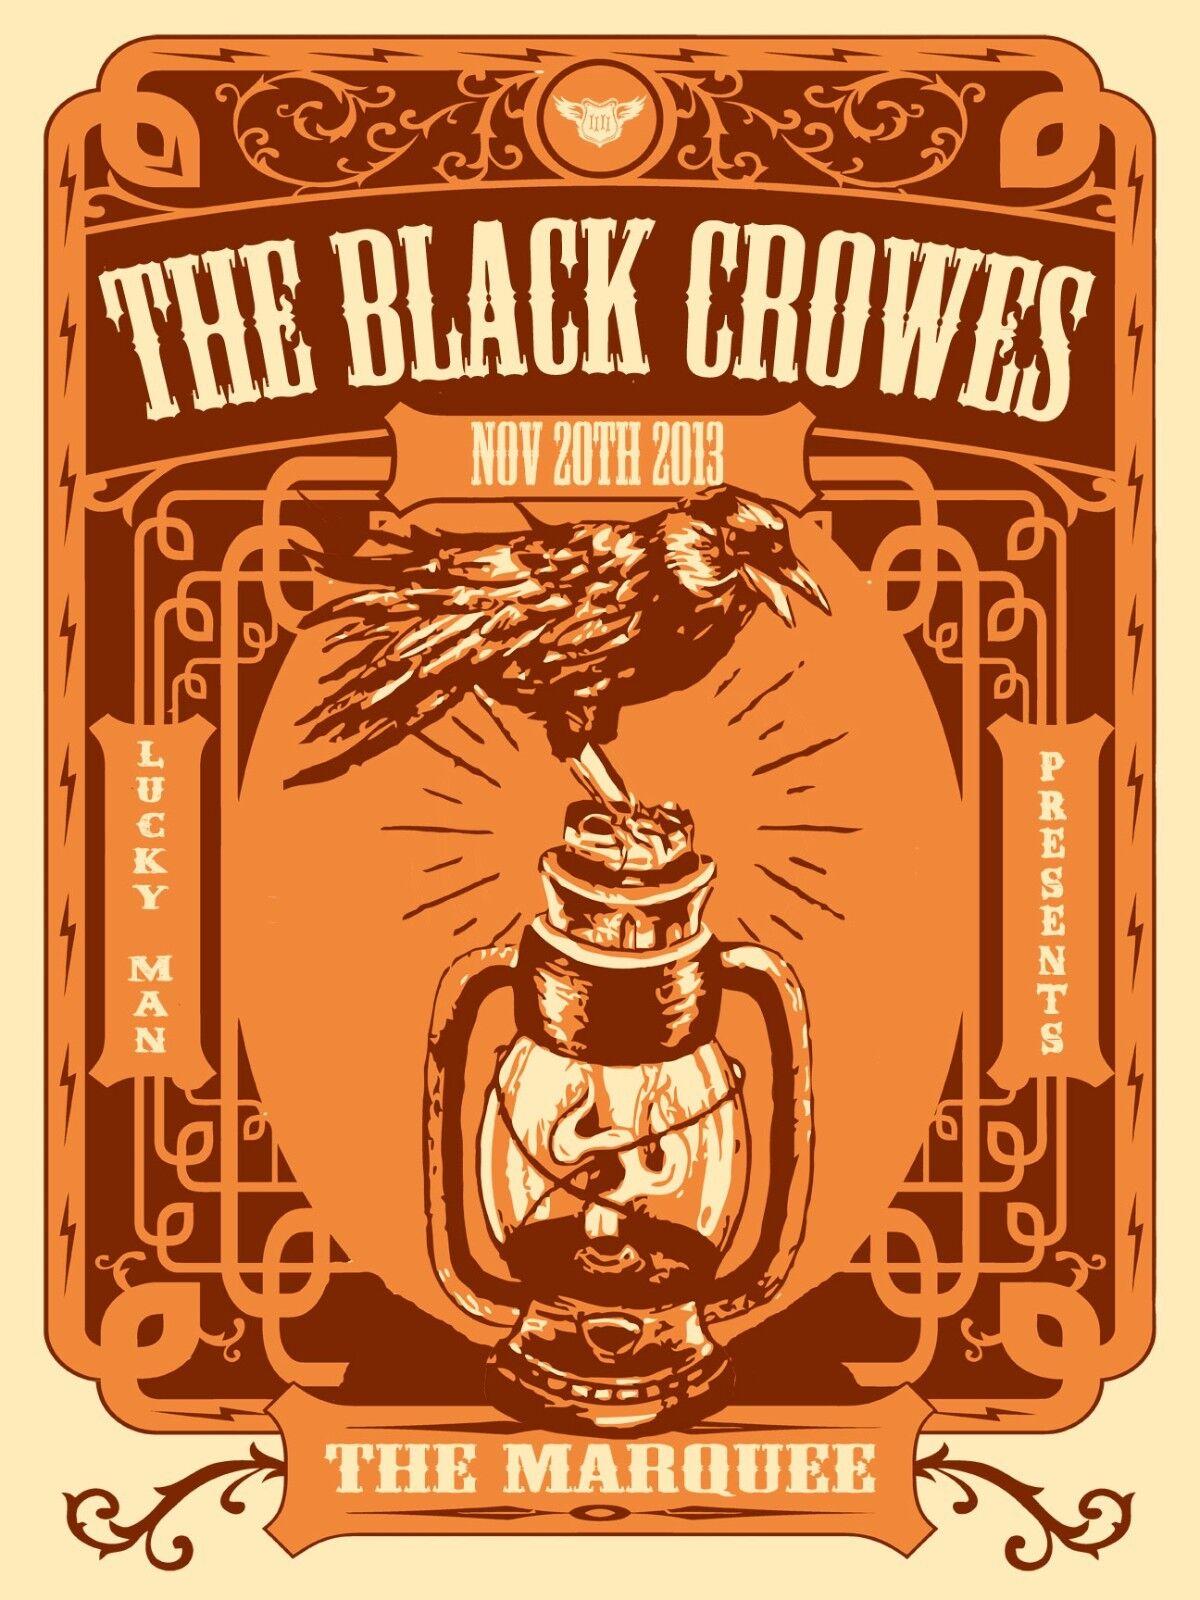 THE BLACK CROWES 2013 PHOENIX CONCERT TOUR POSTER - Blues Classic Rock Music - $10.99